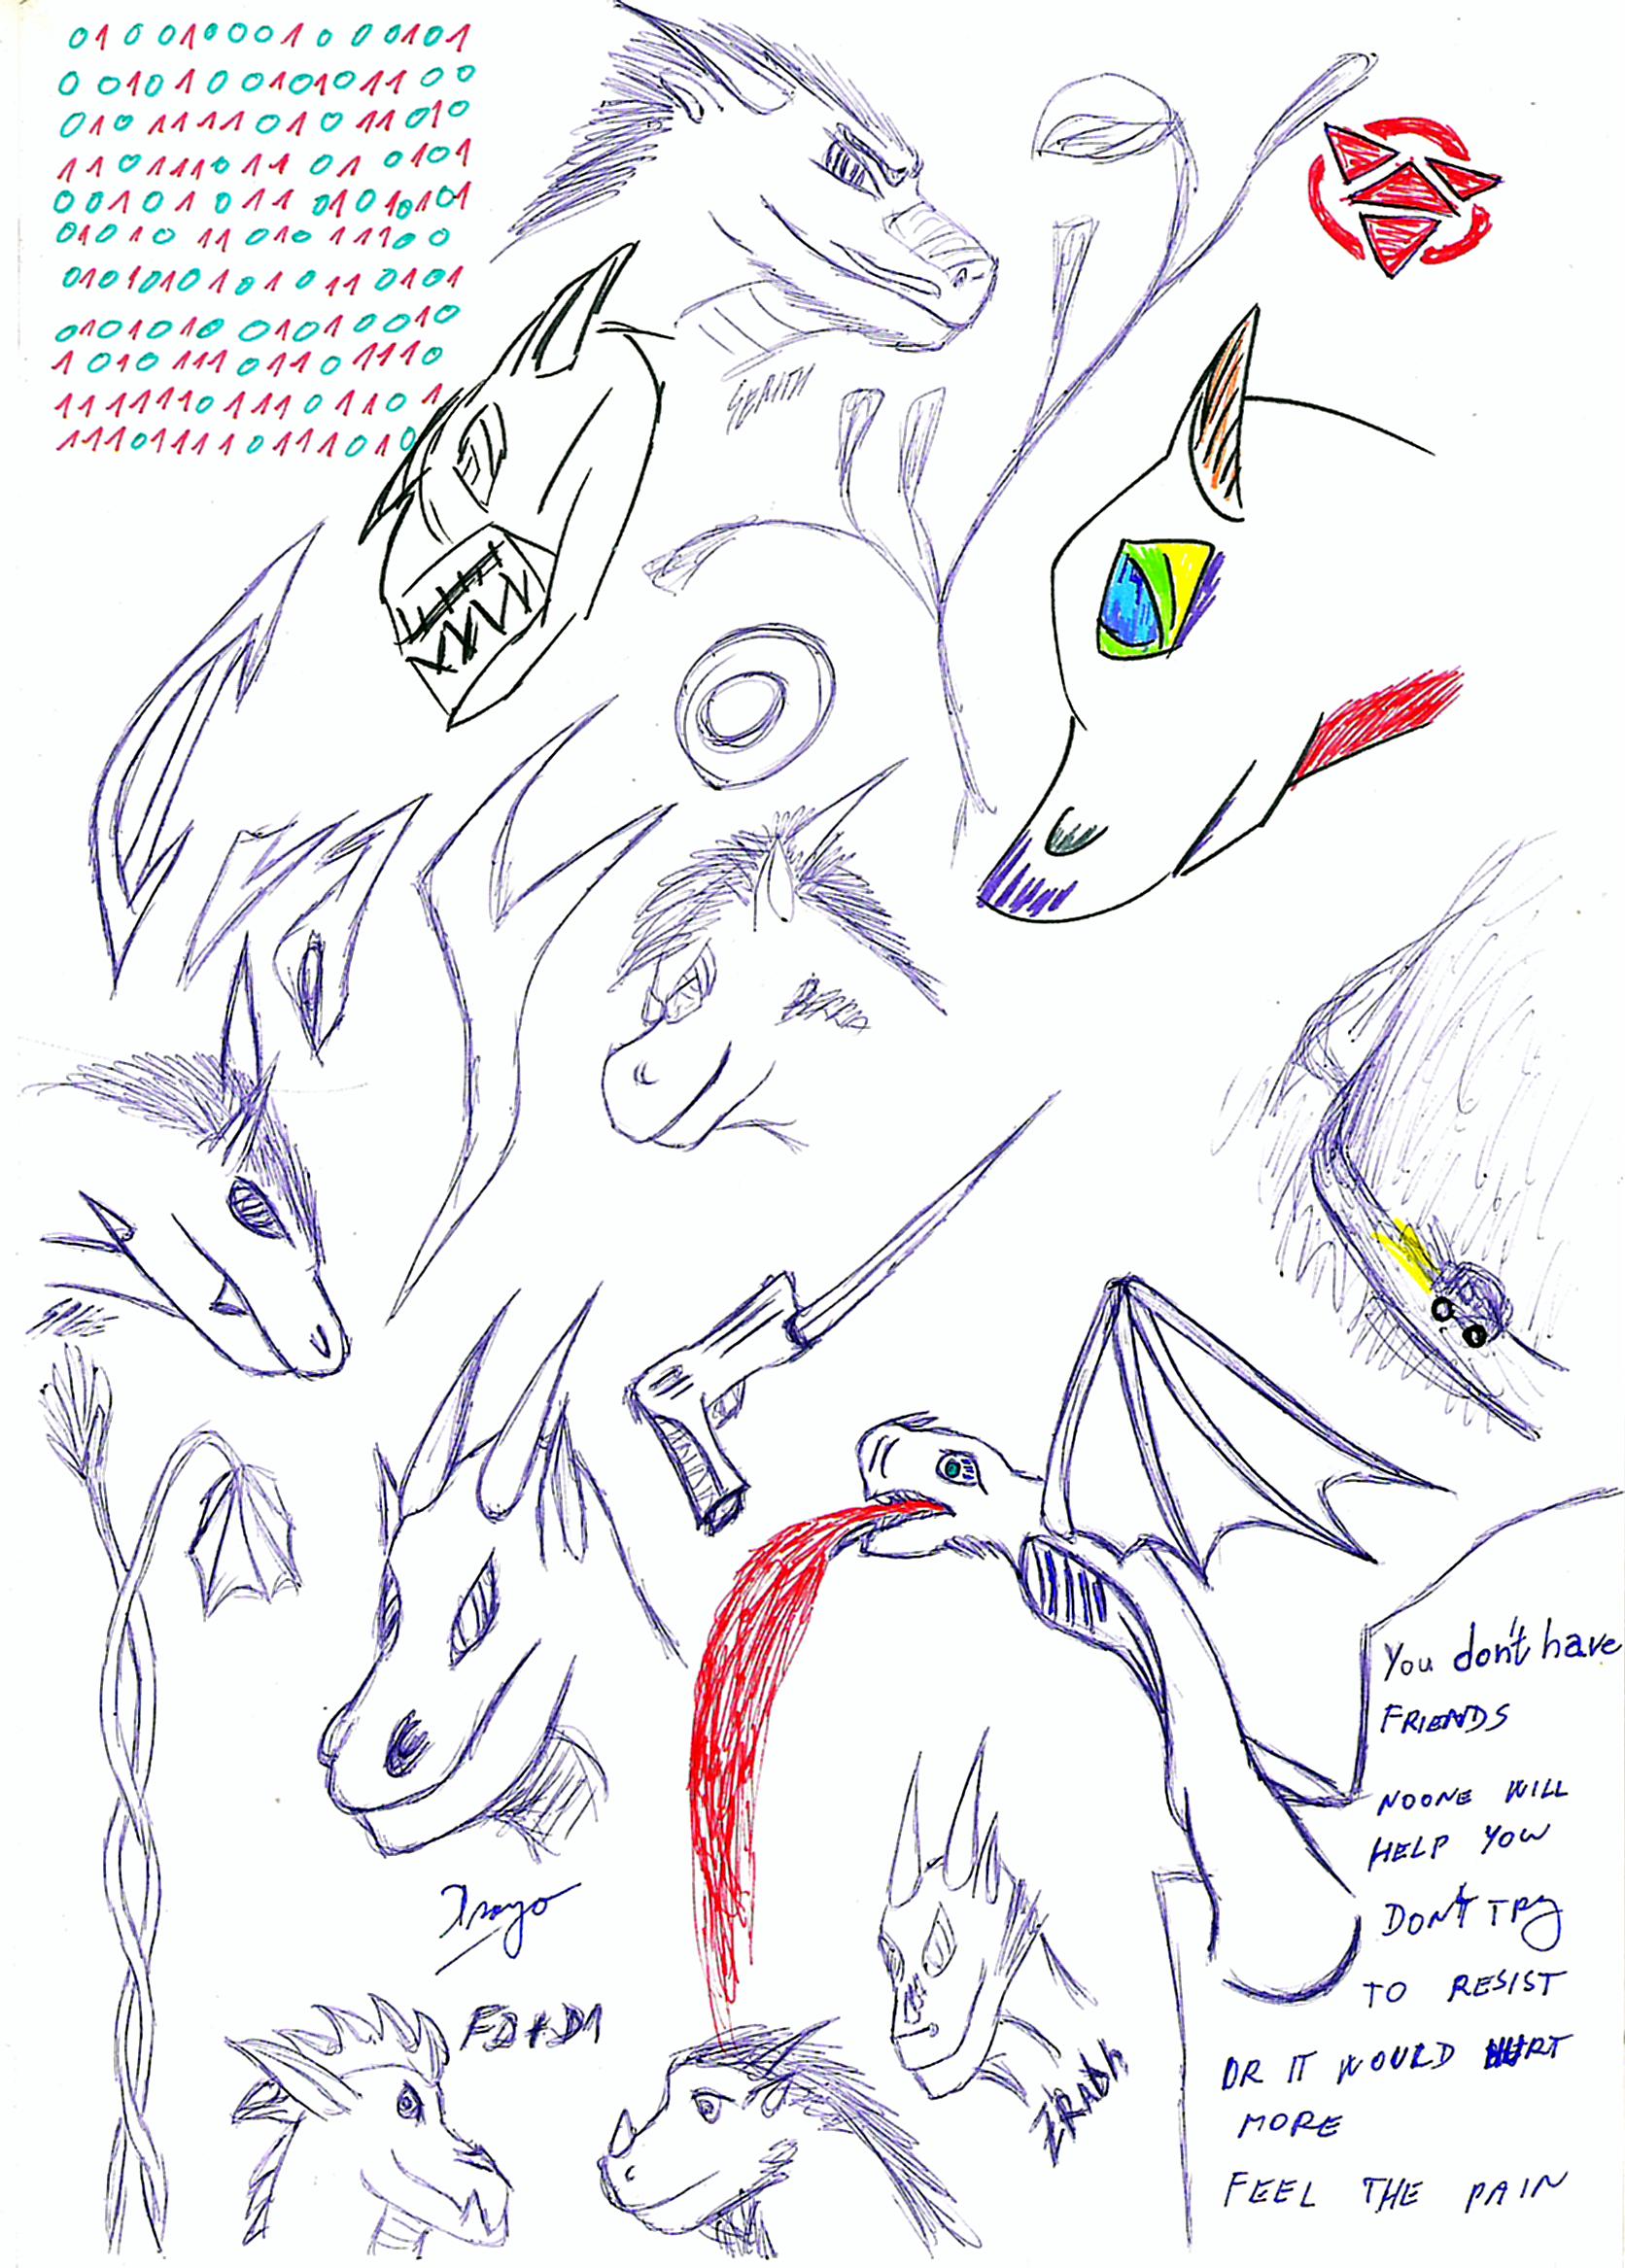 Doodle [1]